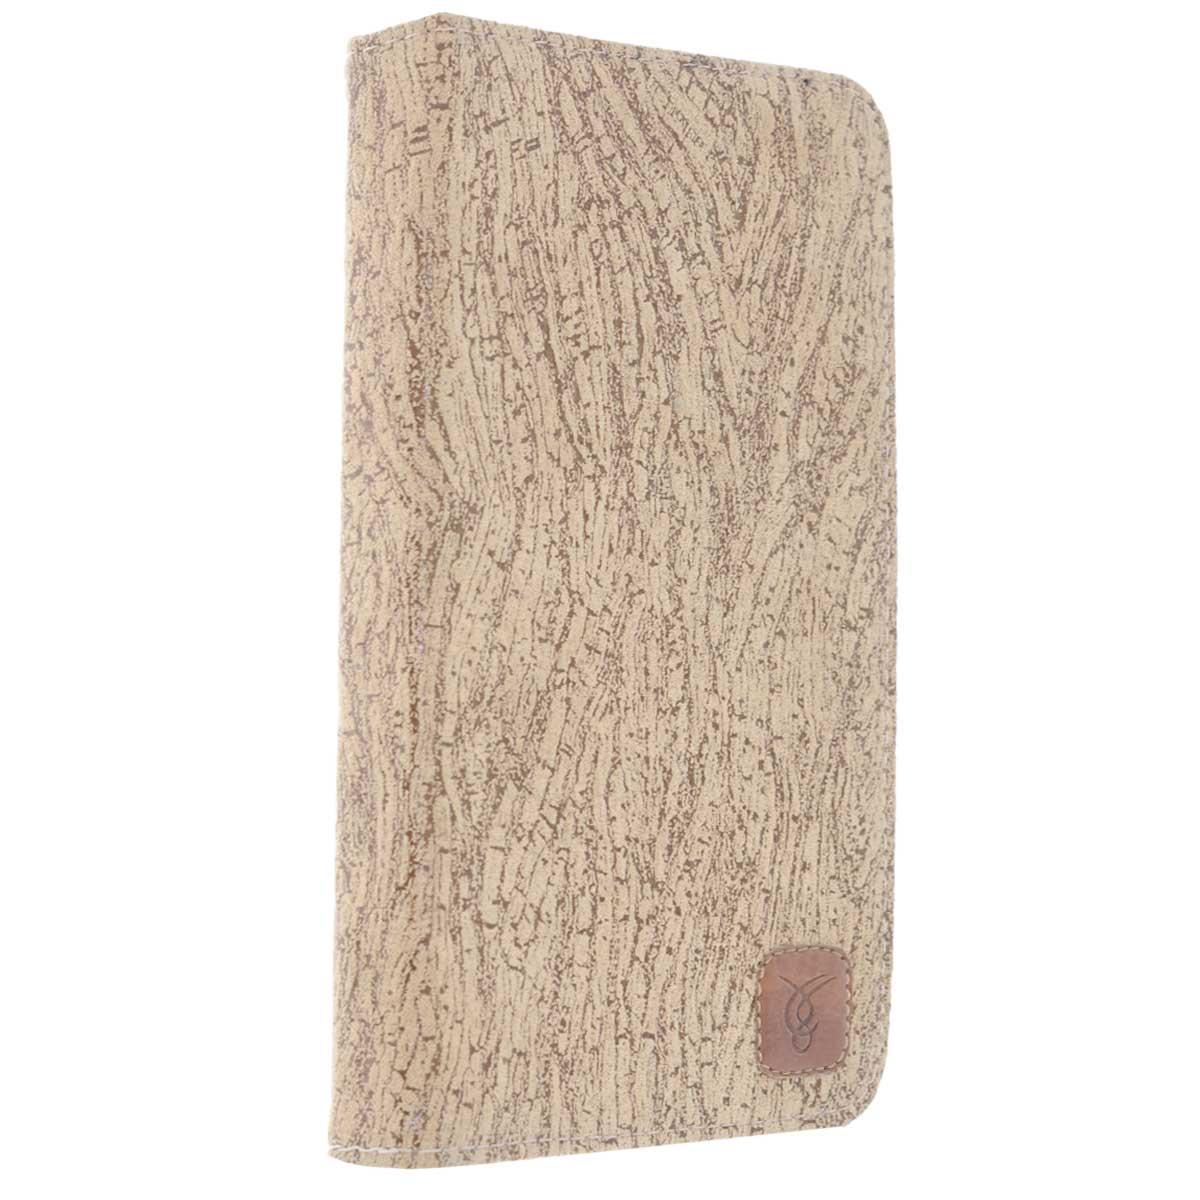 Vivacase Textile чехол для Asus MeMO Pad 7, Light Brown (VAS-ASMPT06-lb)VAS-ASMPT06-lbЧехол Vivacase Textile для Asus MeMO Pad 7 предназначен для защиты вашего устройства от механических повреждений и влаги. Крепление позволяет надежно зафиксировать девайс.